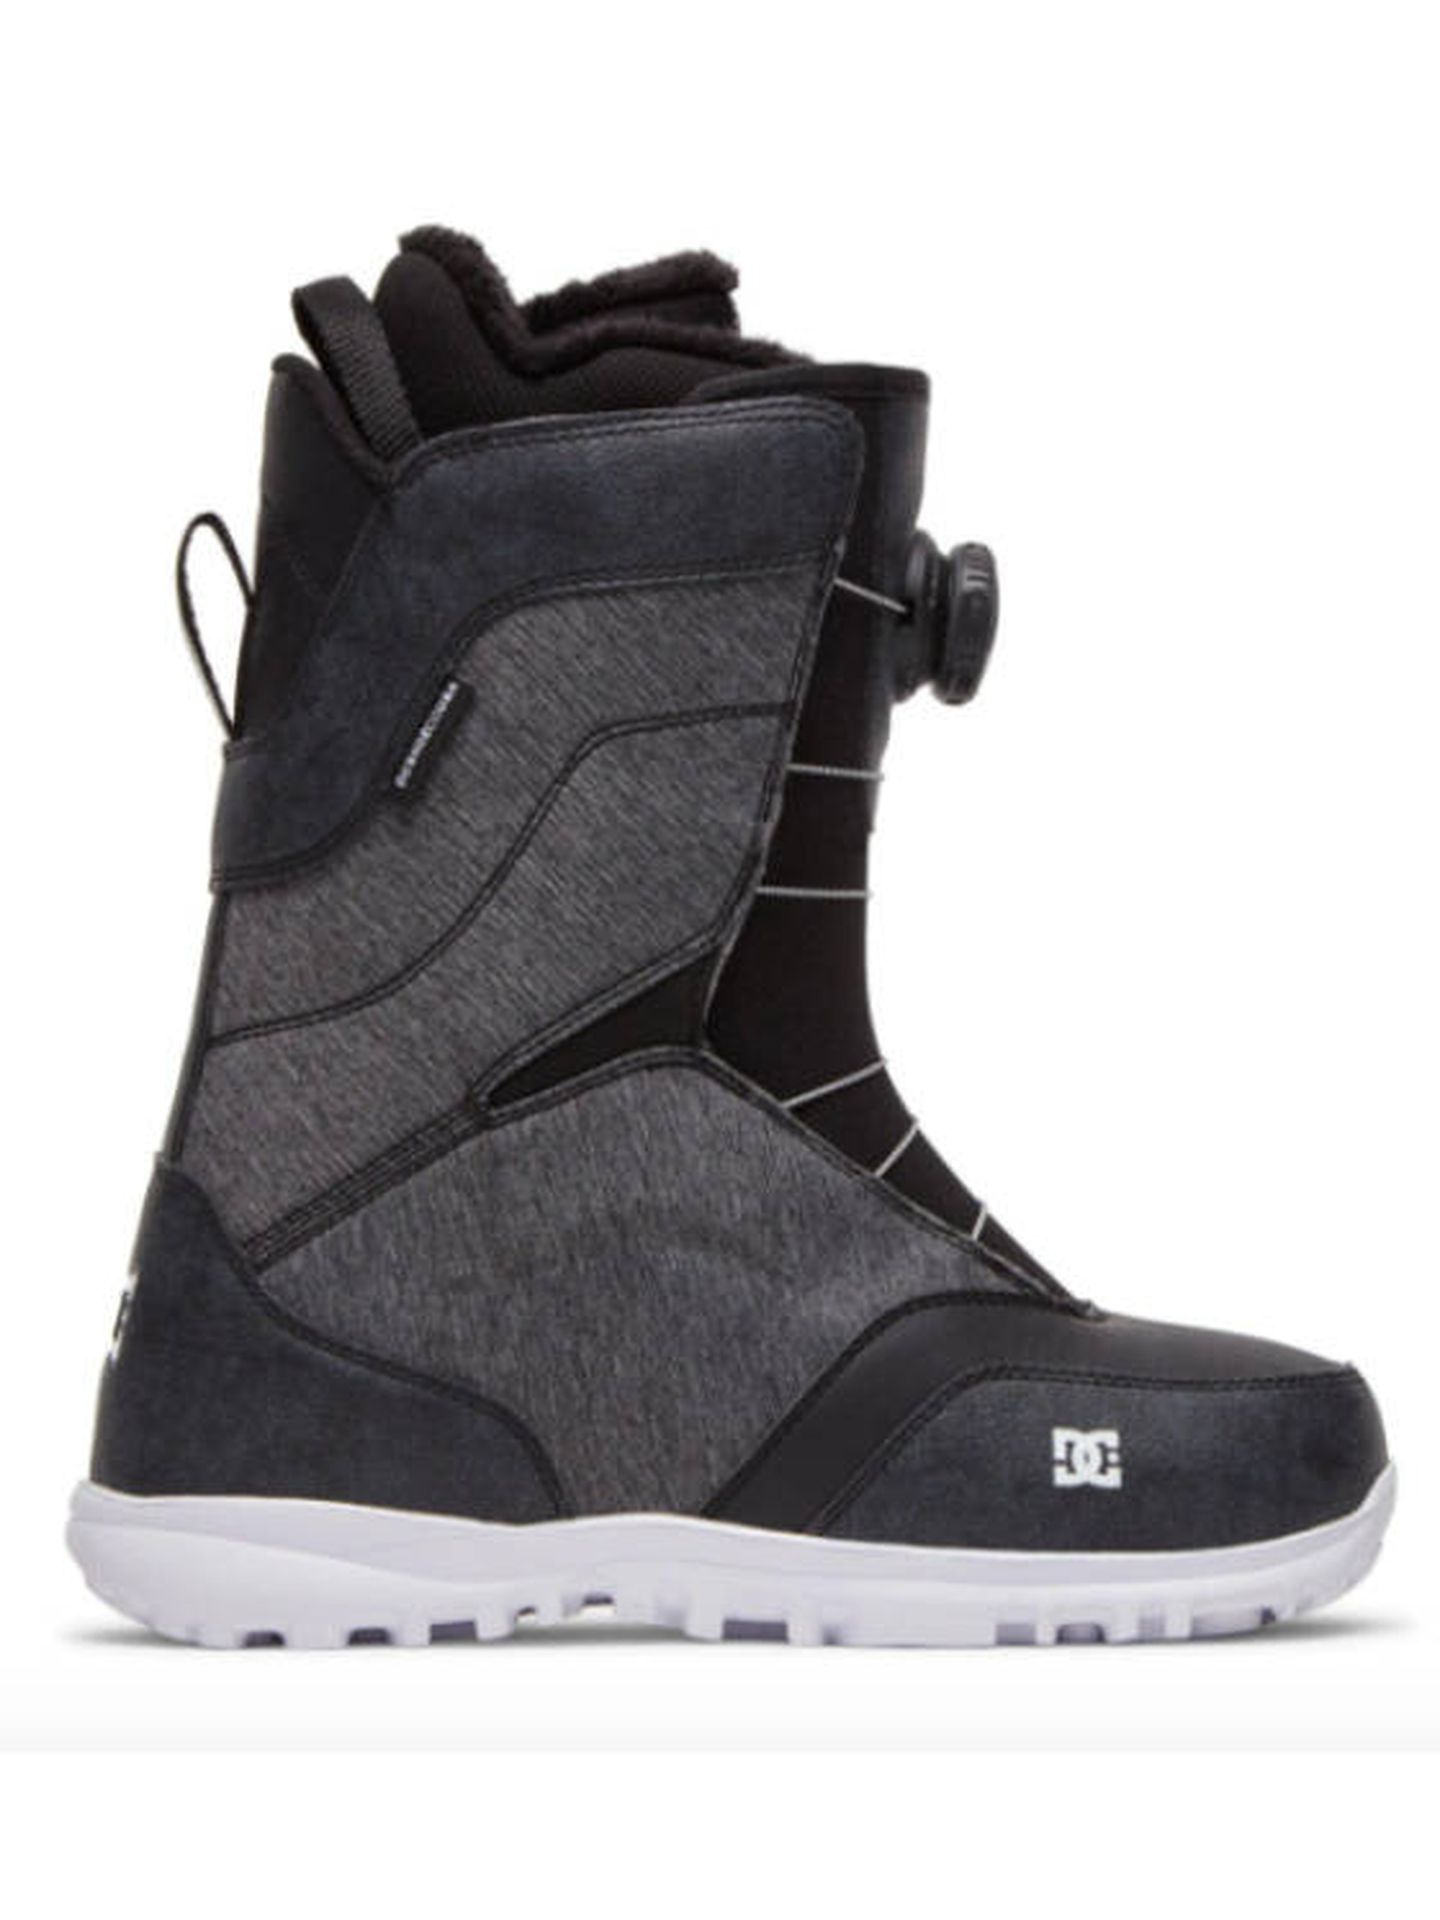 De DC Shoes. (Cortesía)